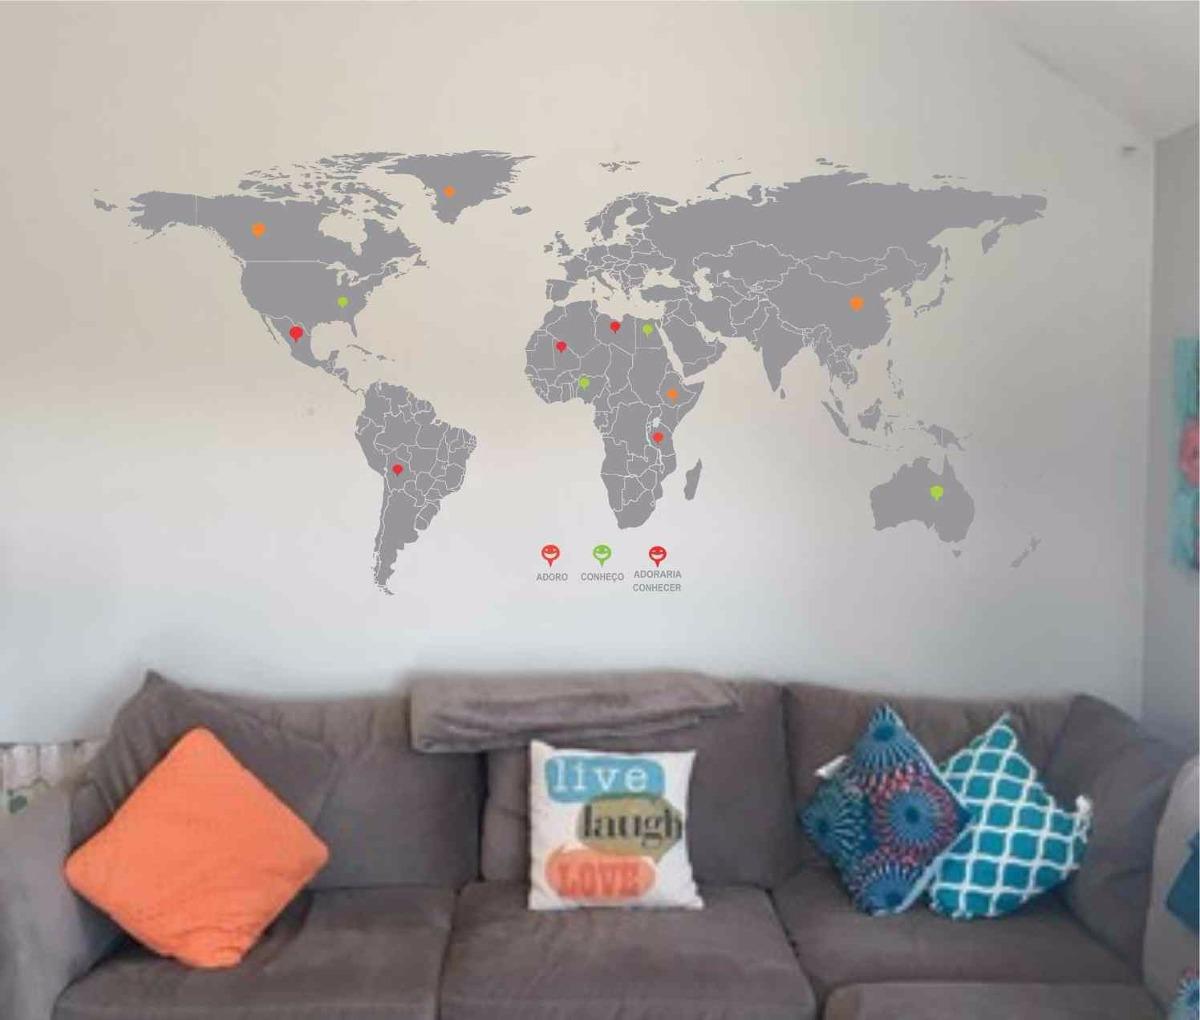 Adesivo De Parede Mapa Mundi Preto ~ Adesivo De Parede Mapa Mundi Gigante 2m X 1m Diversas Cores R$ 219,00 em Mercado Livre